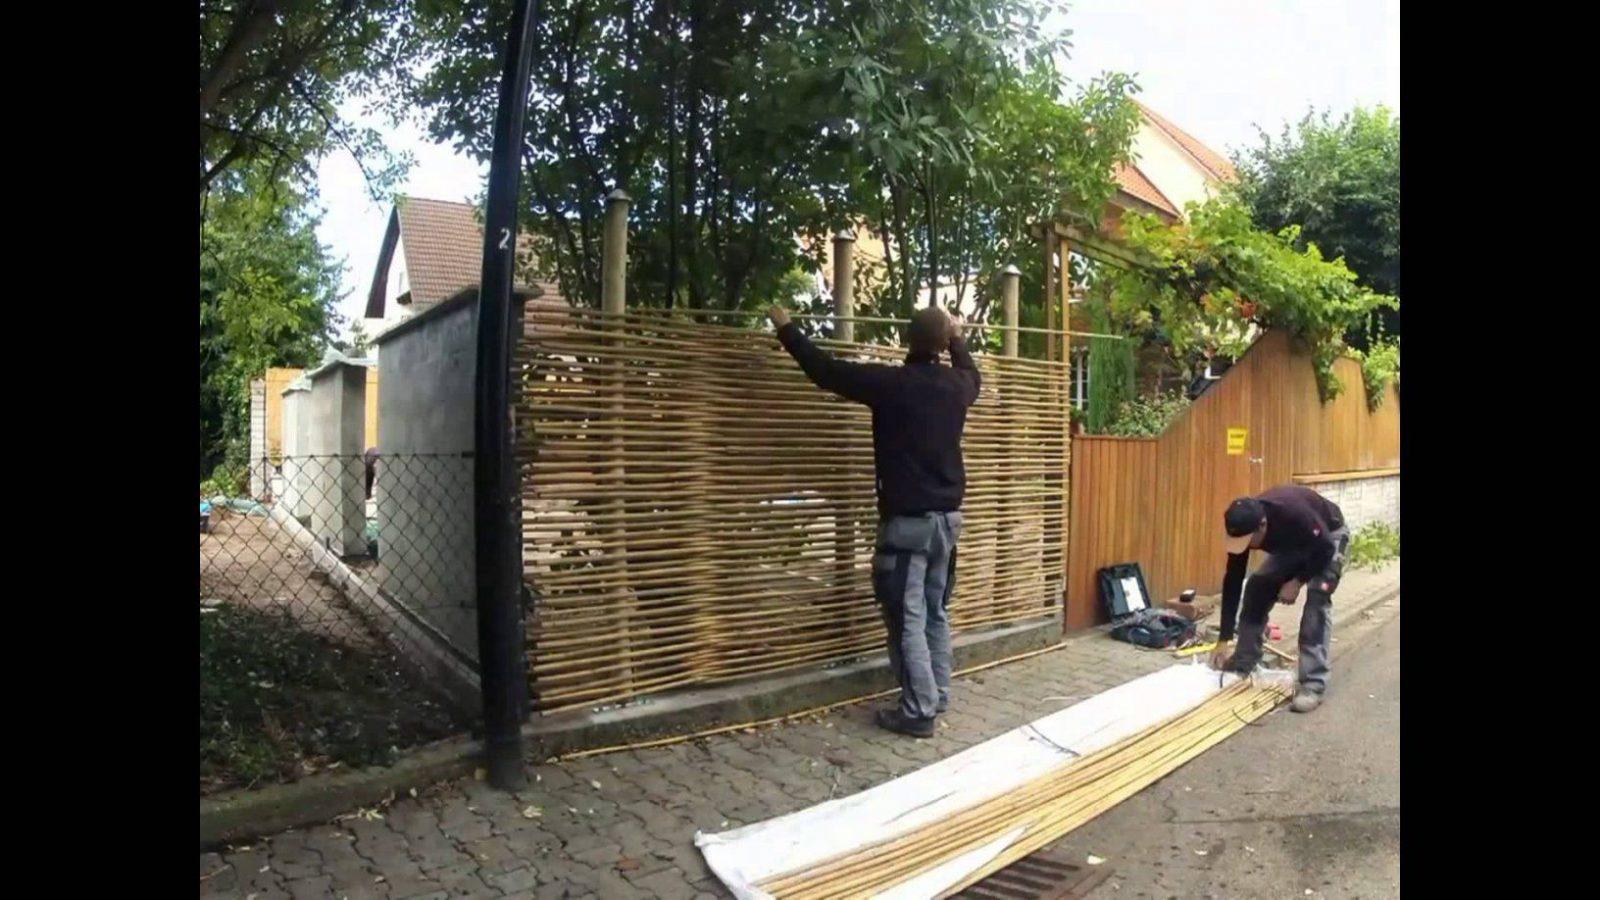 Garten Sichtschutz Selber Bauen Sichtschutz Balkon  Greyinkstudios von Sichtschutz Für Balkon Selber Machen Photo